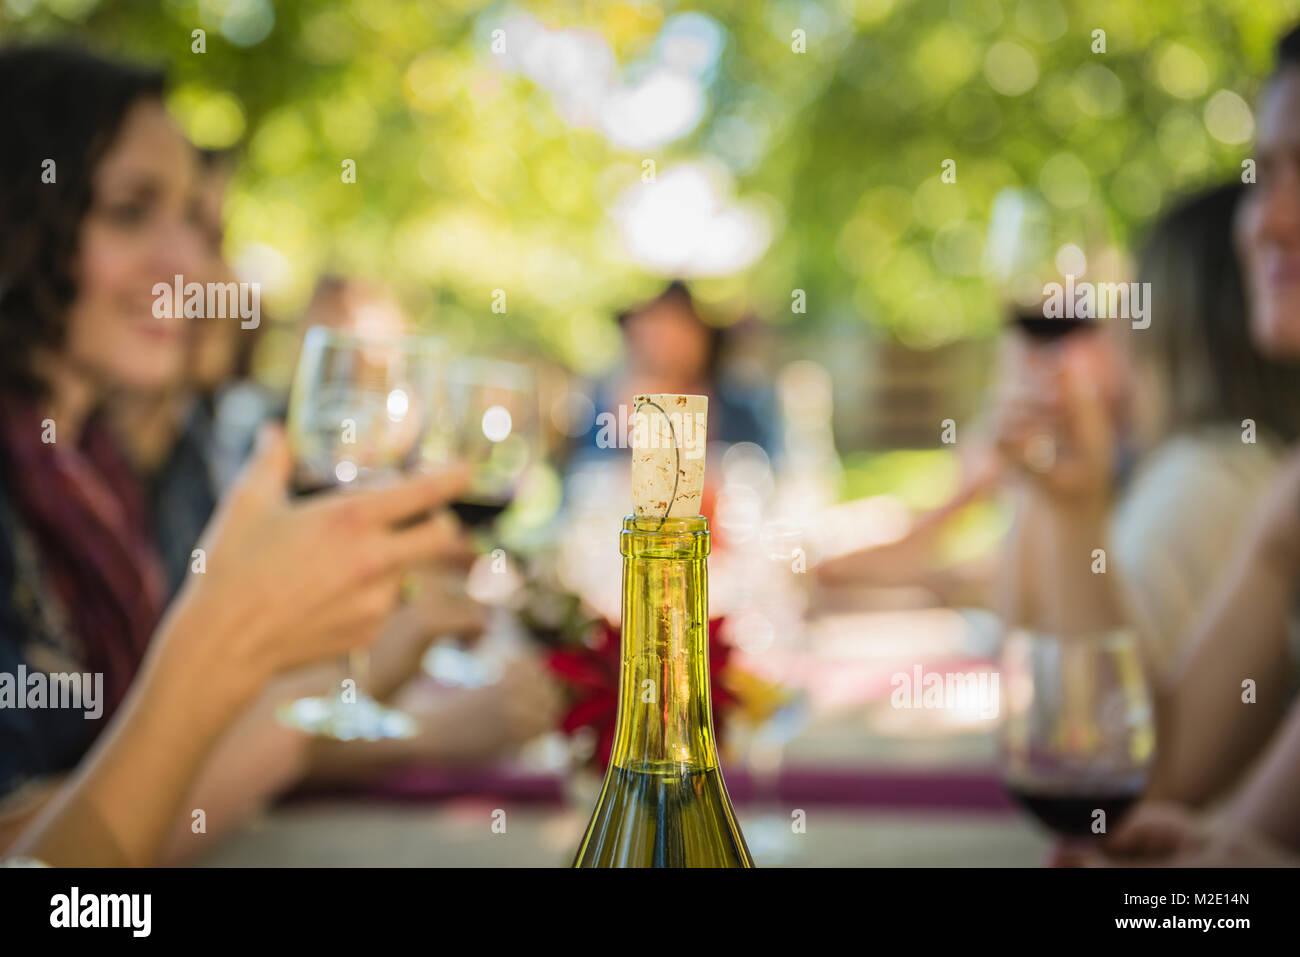 Cork in wine bottle near people drinking wine - Stock Image